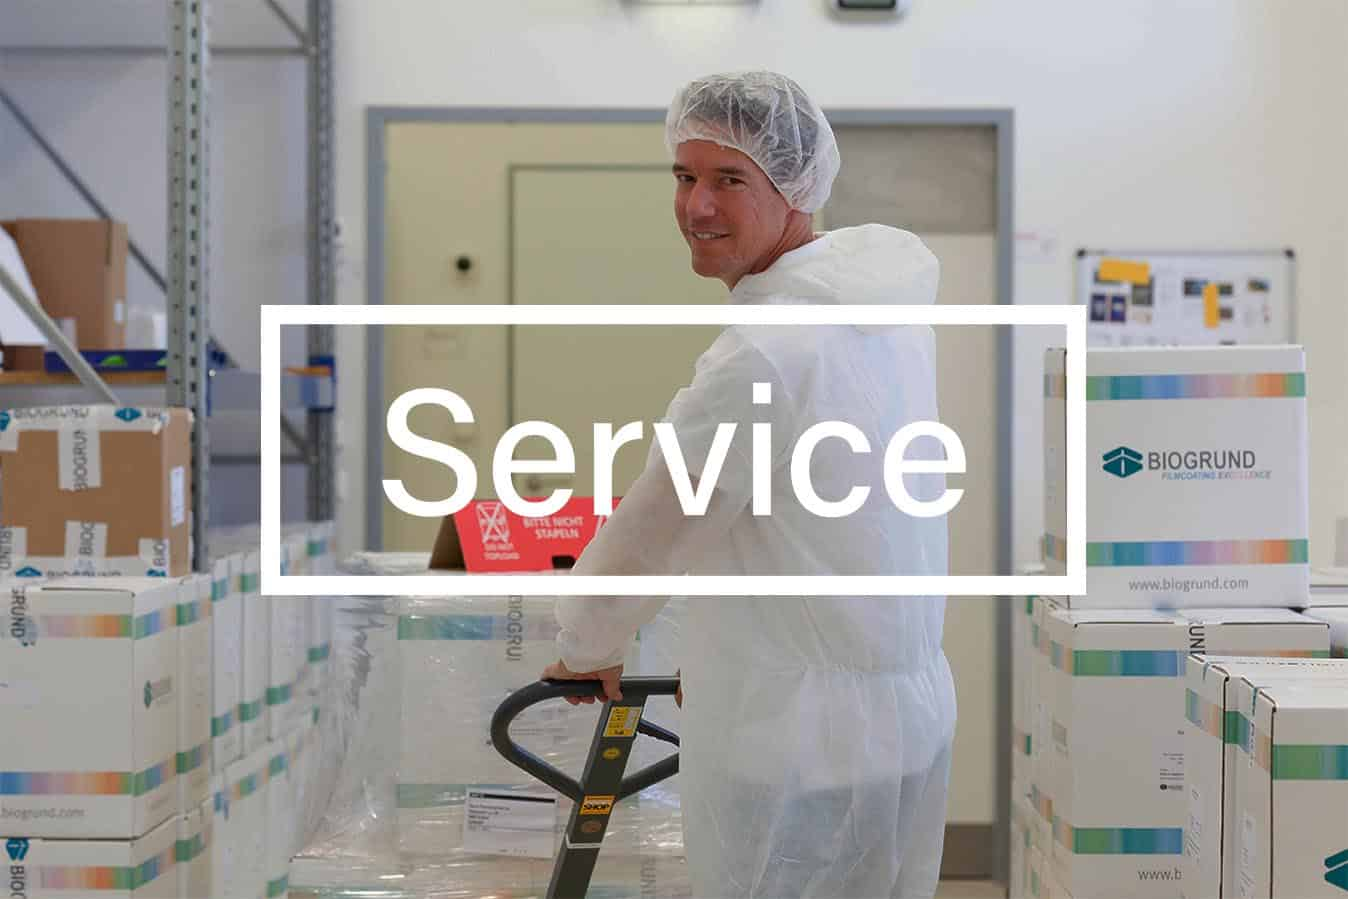 Service of BIOGRUND